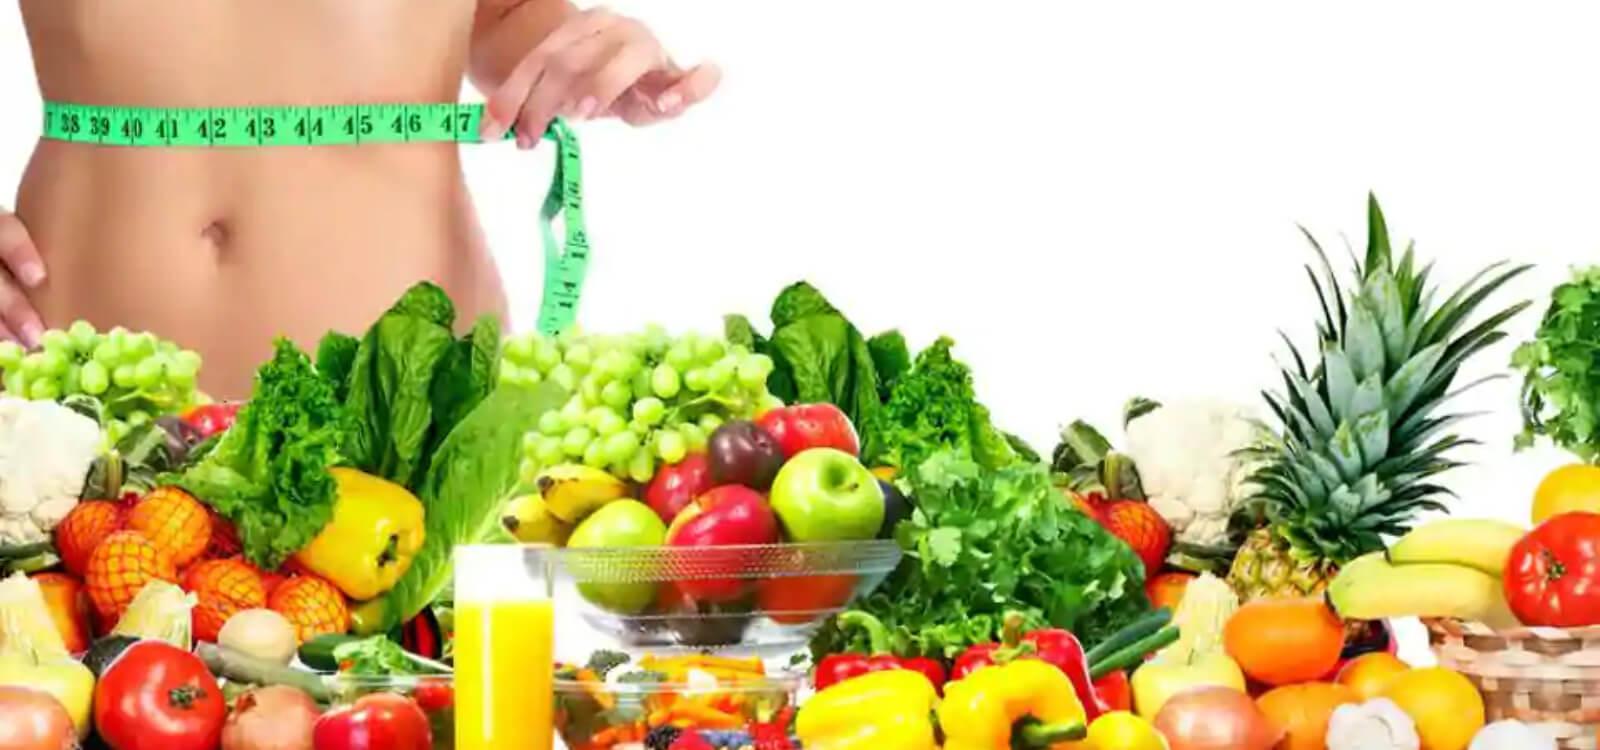 mediterranean diet weight loss